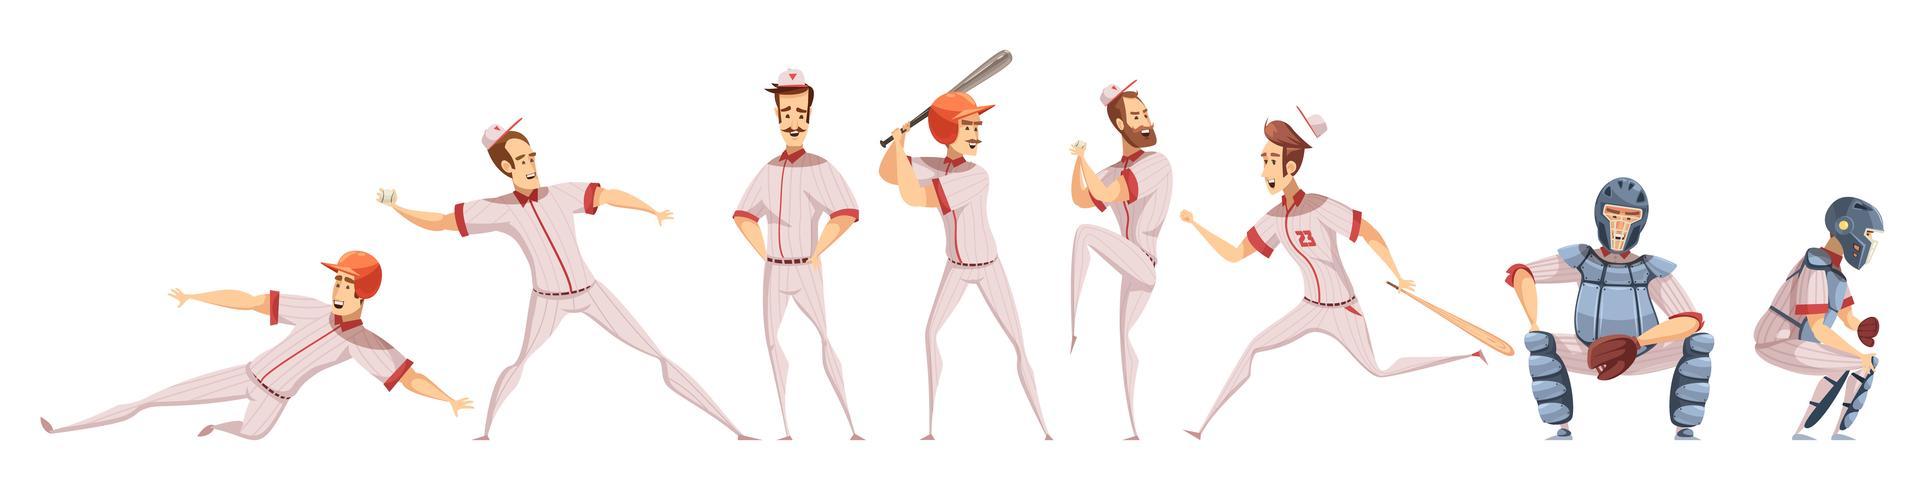 Set di icone colorate giocatori di baseball vettore